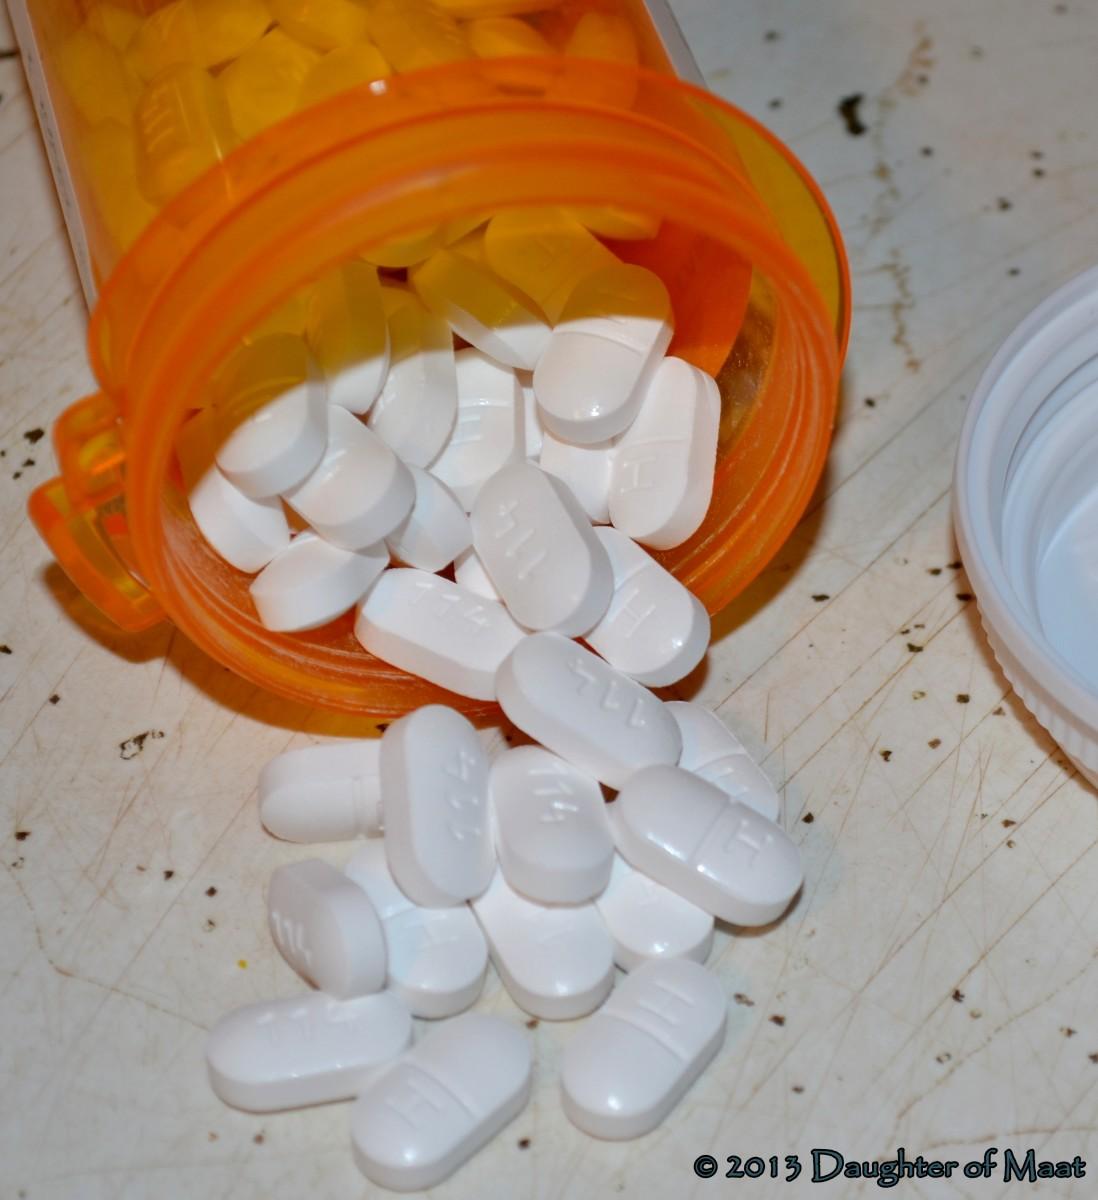 Opiate Addiction Treatment Albuquerque